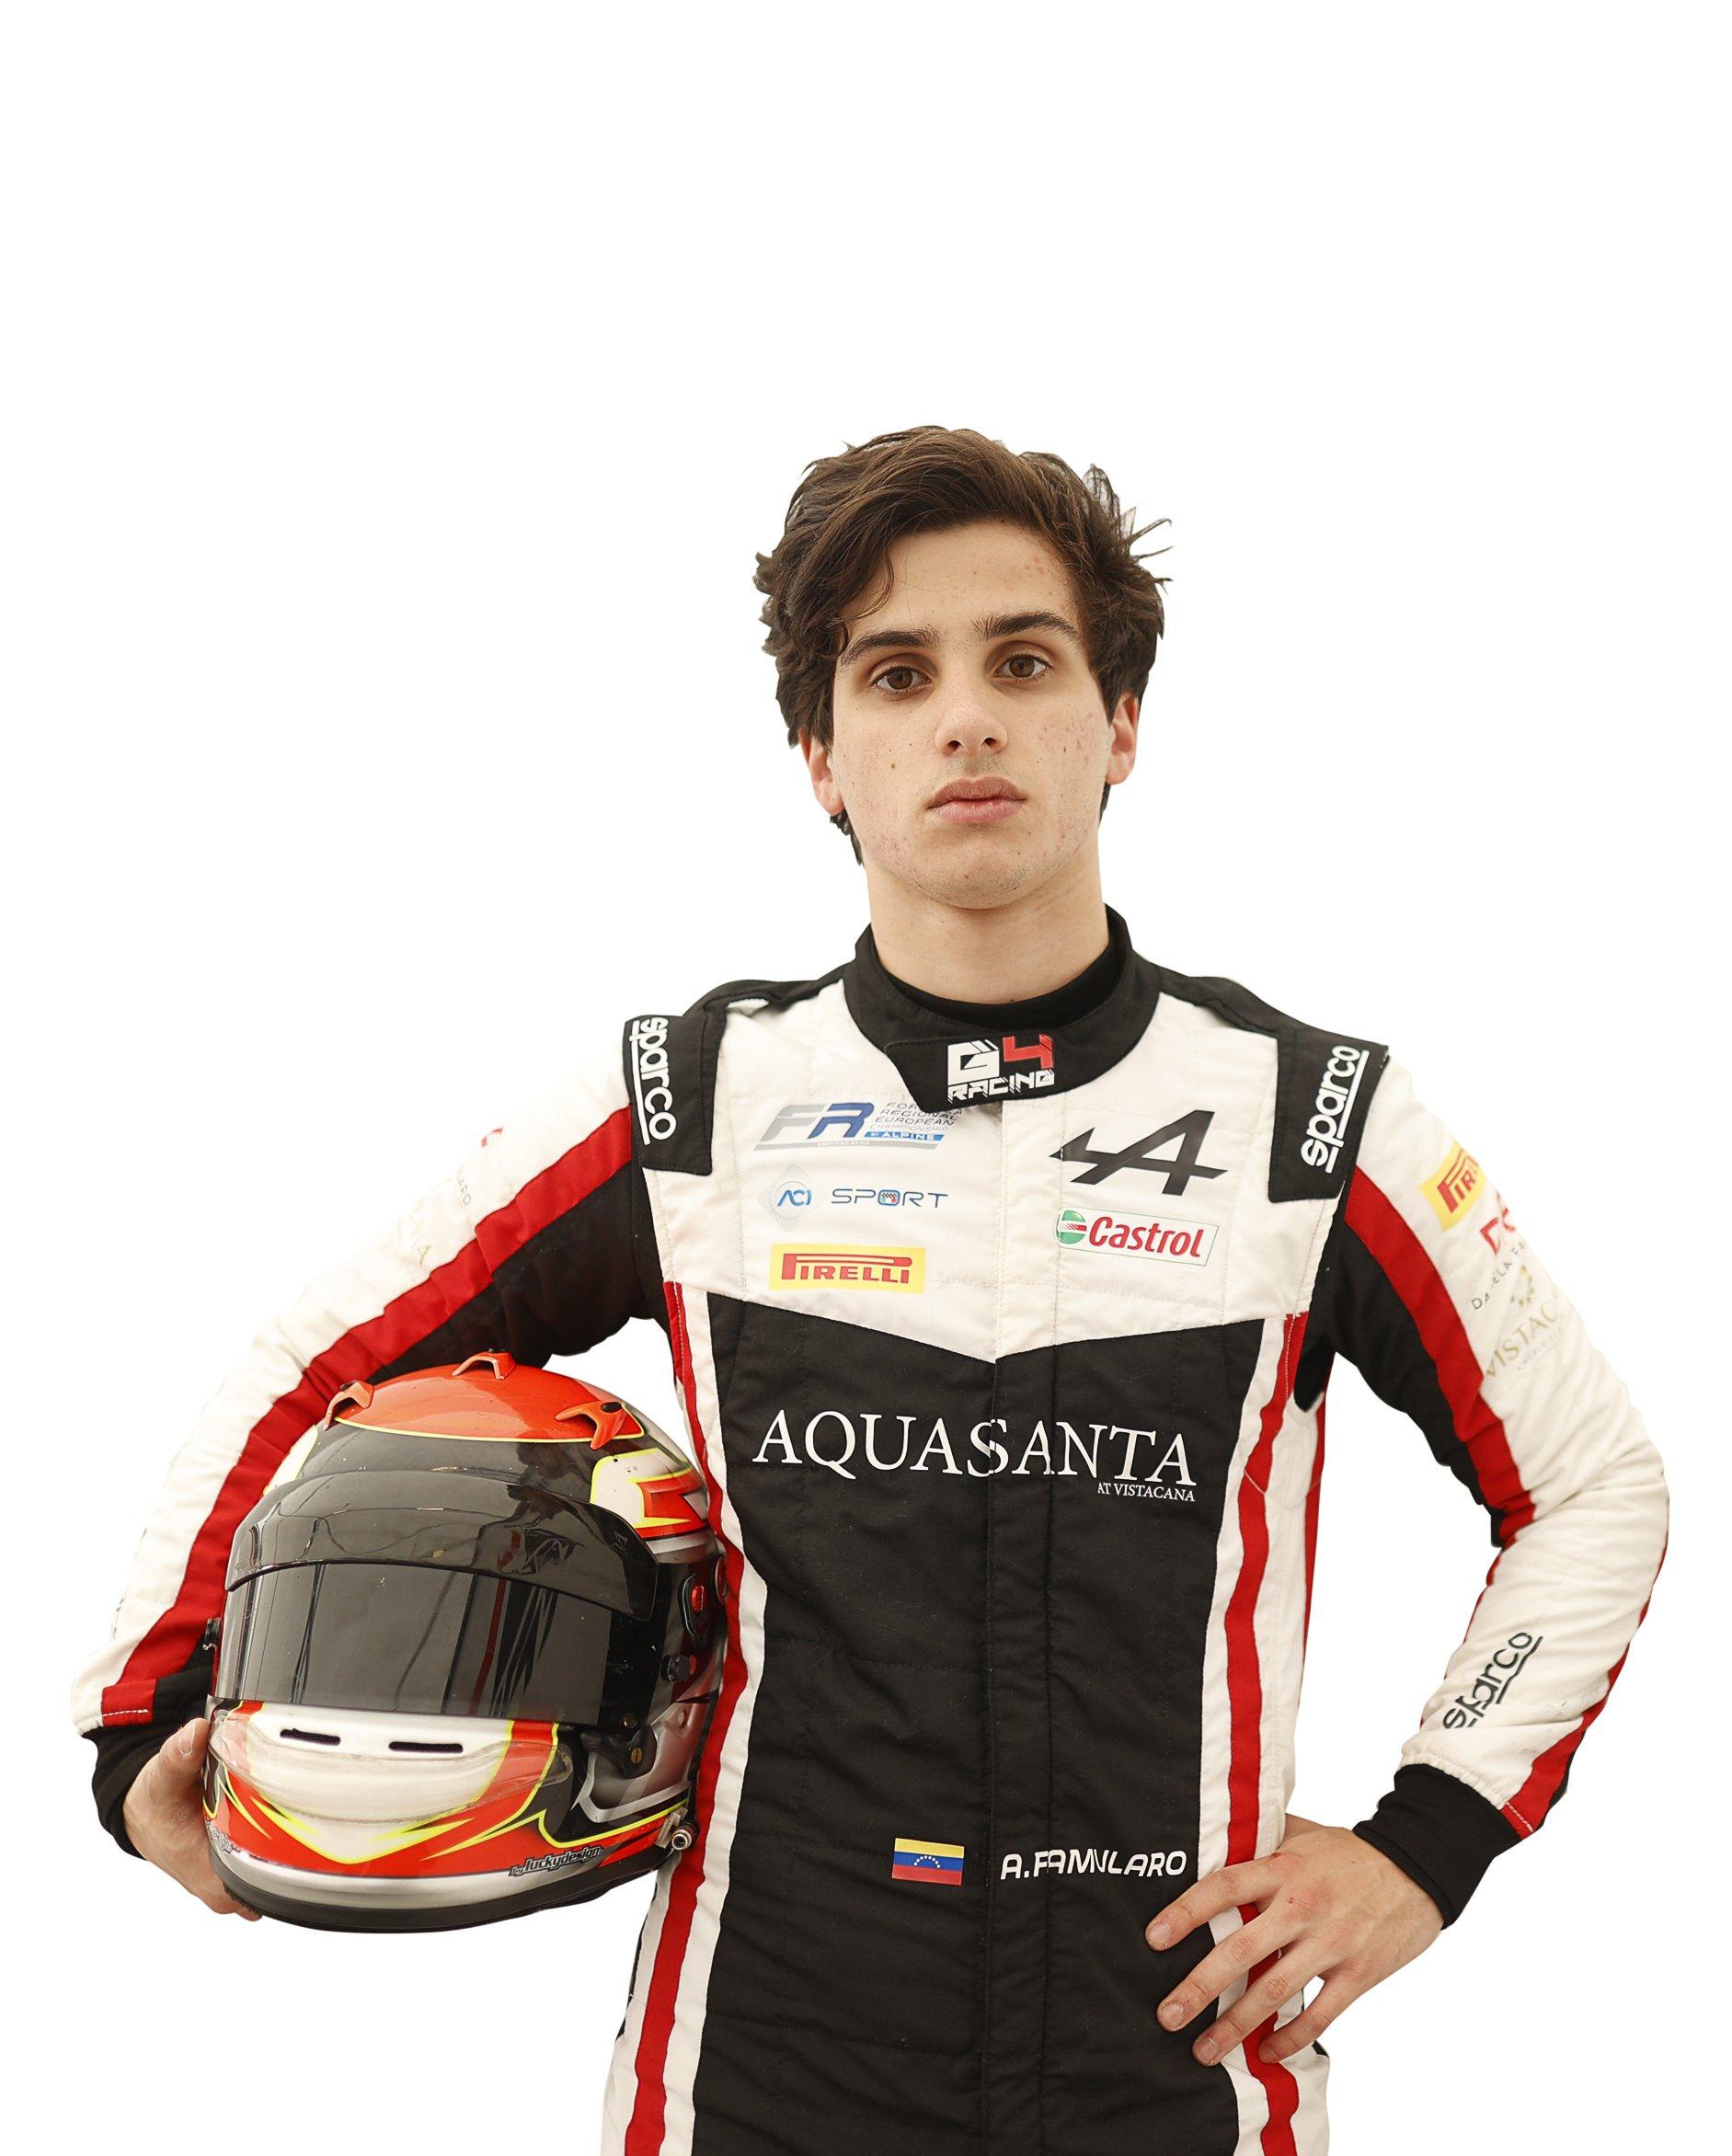 Alessandro Famularo